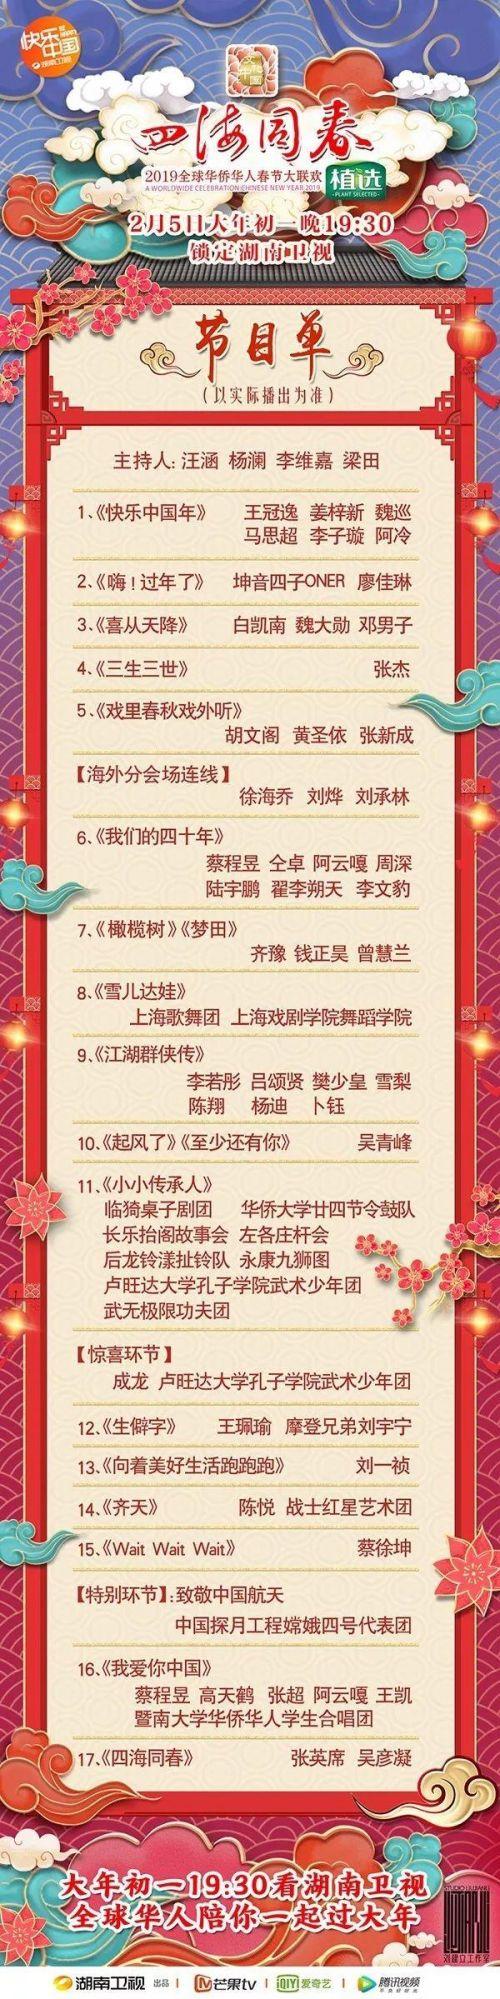 2019湖南卫视华人春晚节目单 湖南卫视初一晚会嘉宾名单与直播时间